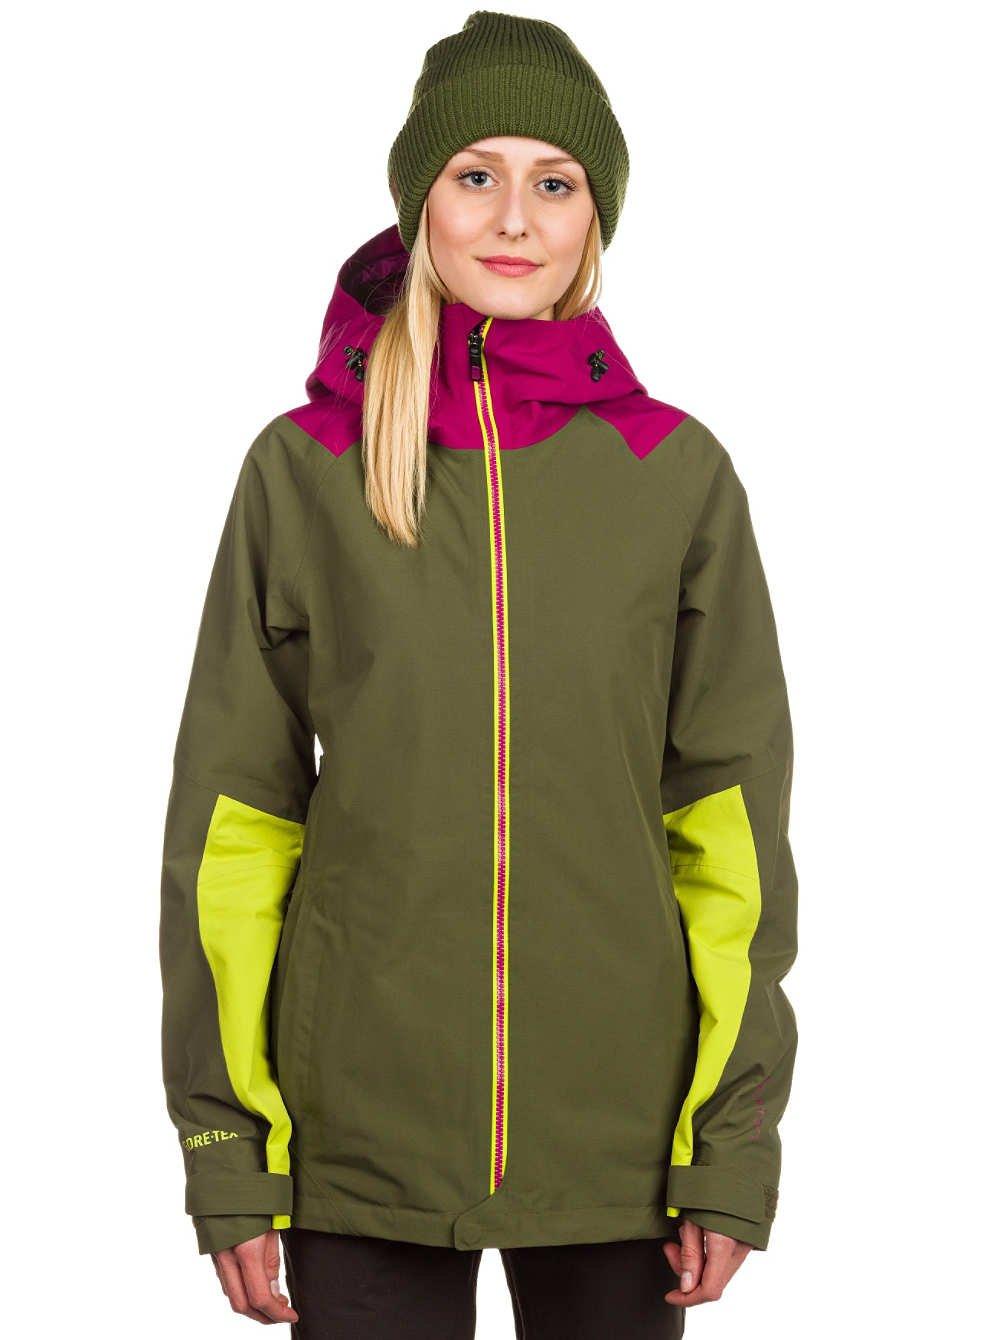 Burton Damen Snowboardjacke W AK Blade Jacket bestellen